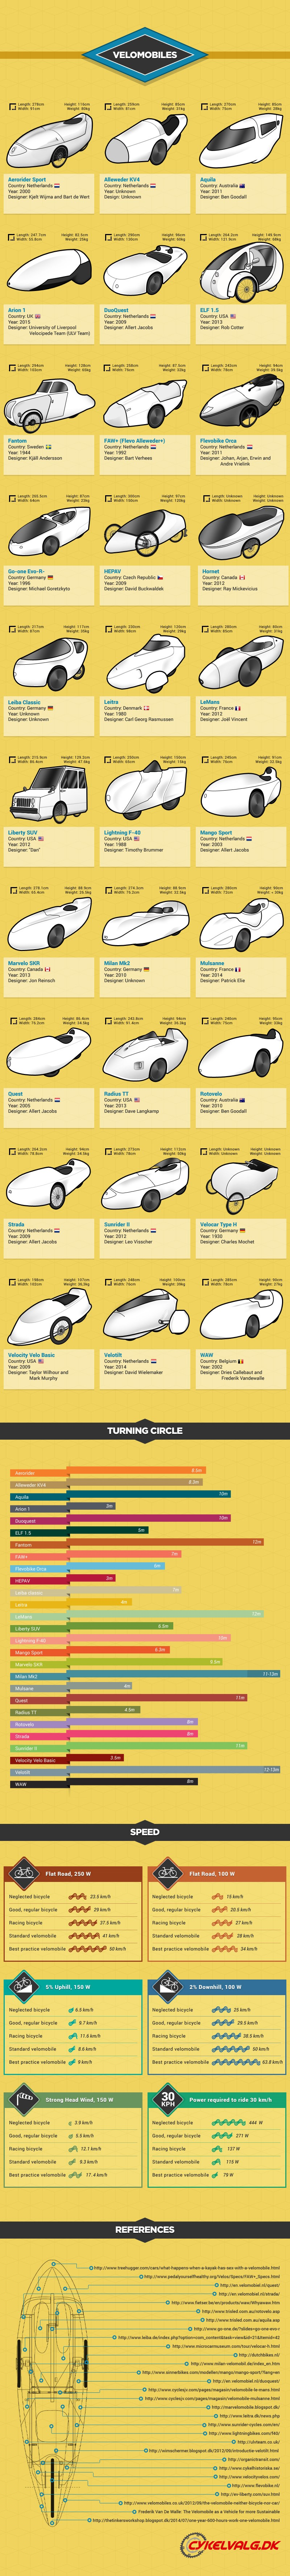 velomobiles infographic